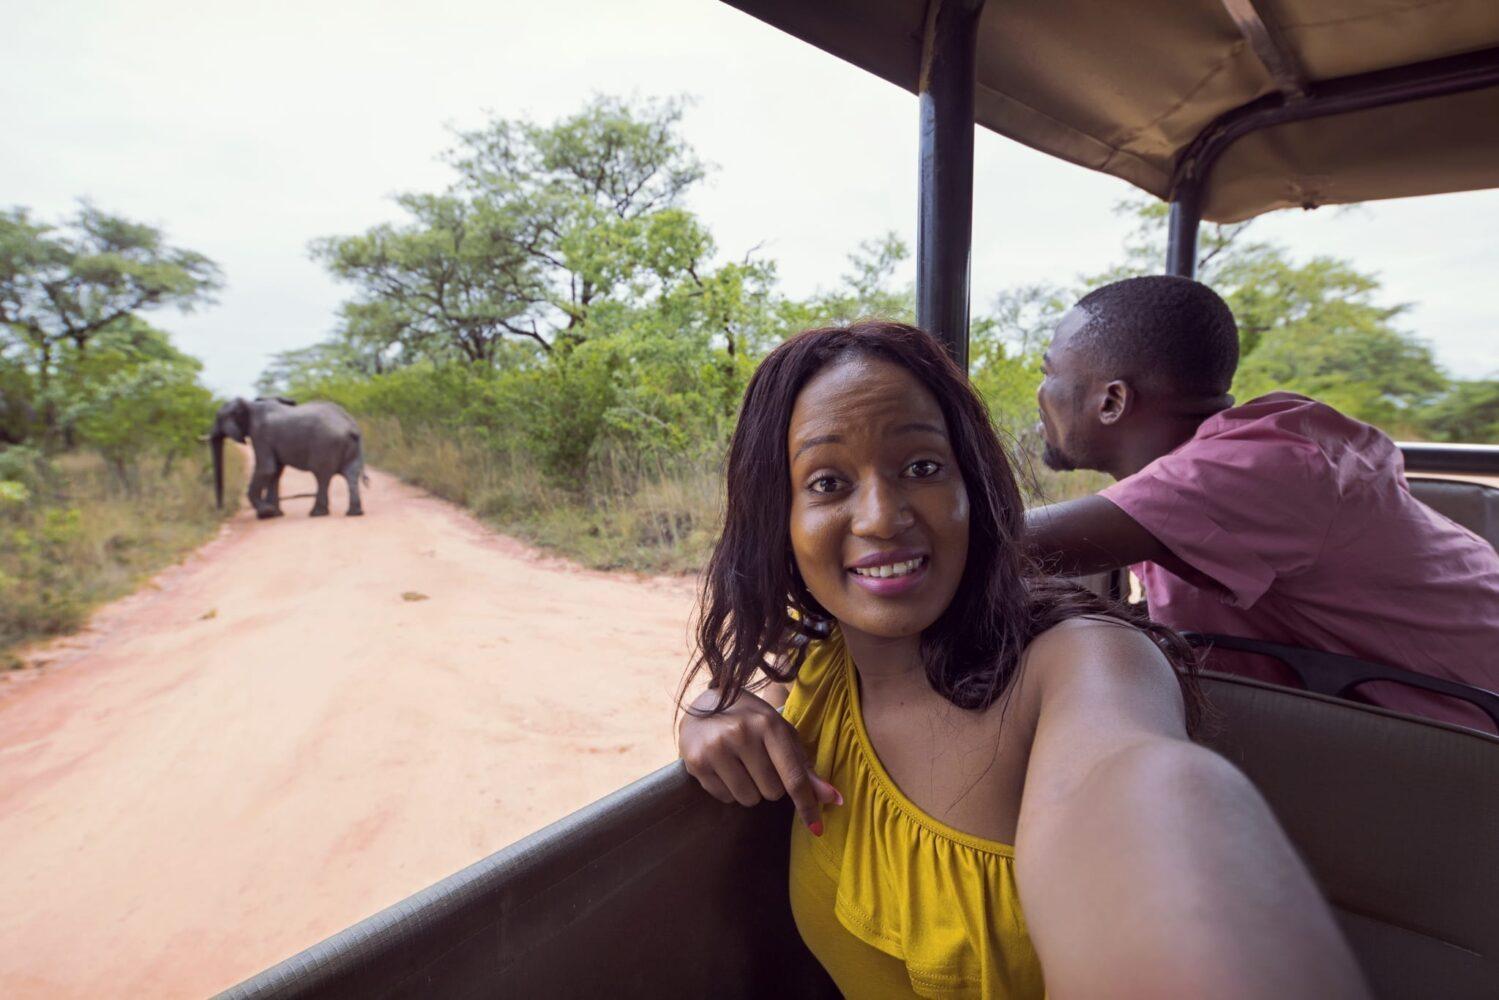 safari i afrika, nära Kapstaden